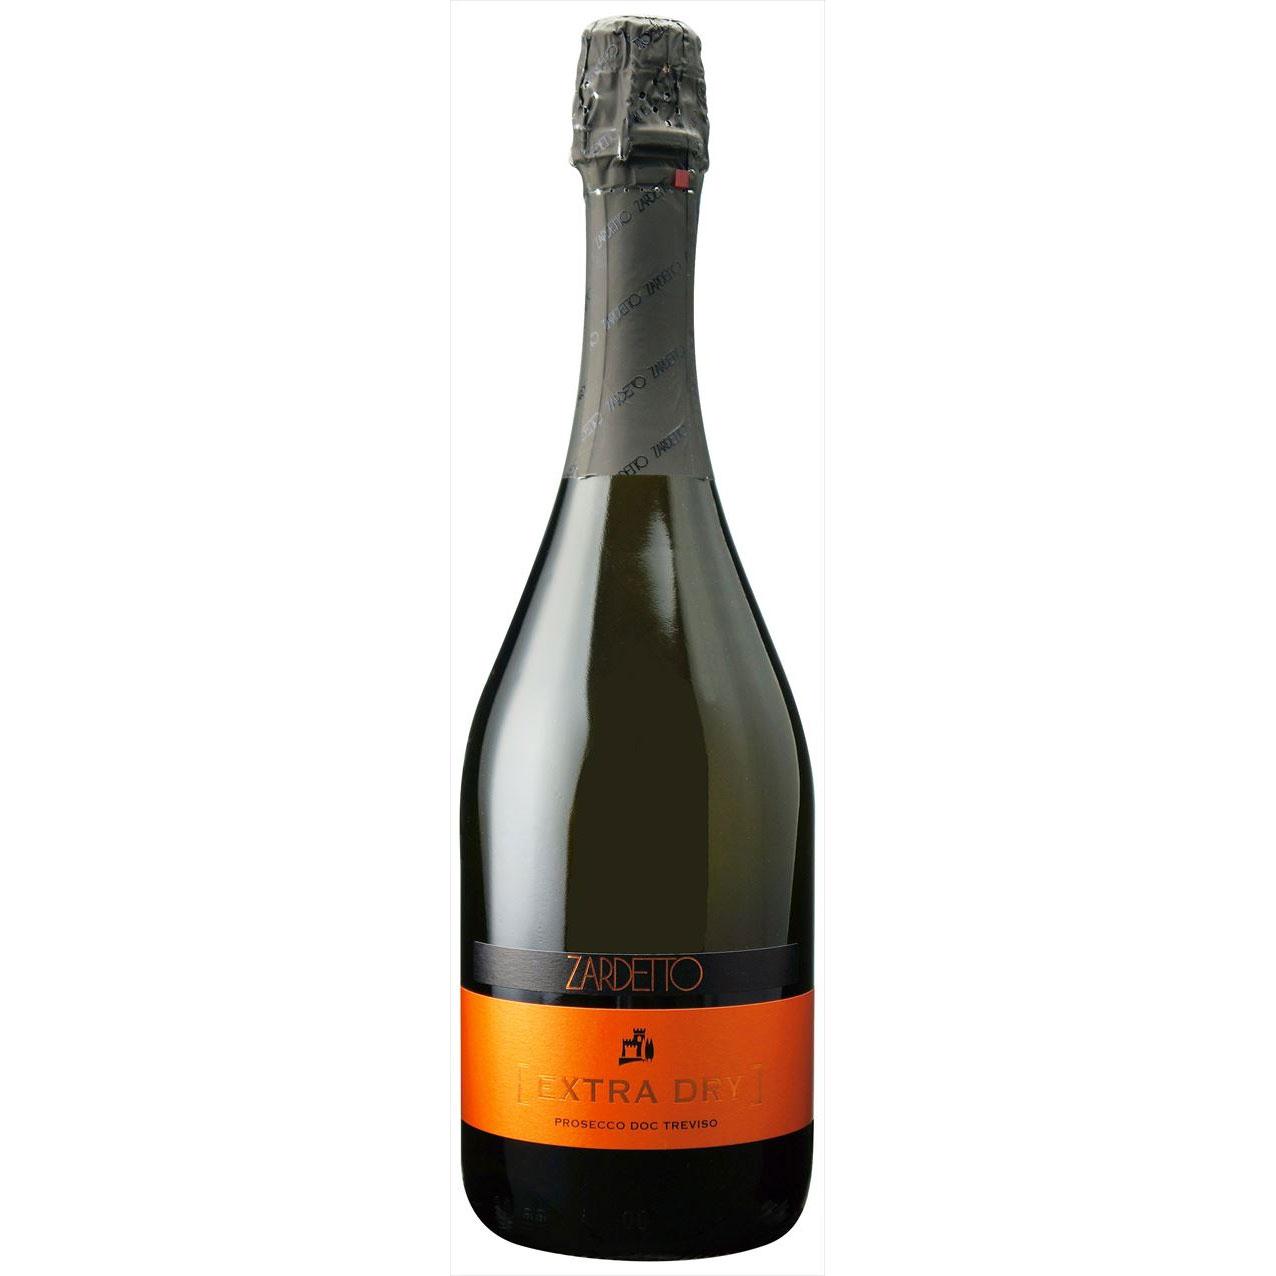 【ラッキーシール対応】お歳暮 ギフト プロセッコ トレヴィーゾ エクストラ ドライ  ザルデット 白 750ml 12本 イタリア ヴェネト 白ワイン 送料無料 コンビニ受取対応商品 ヴィンテージ管理しておりません、変わる場合があります